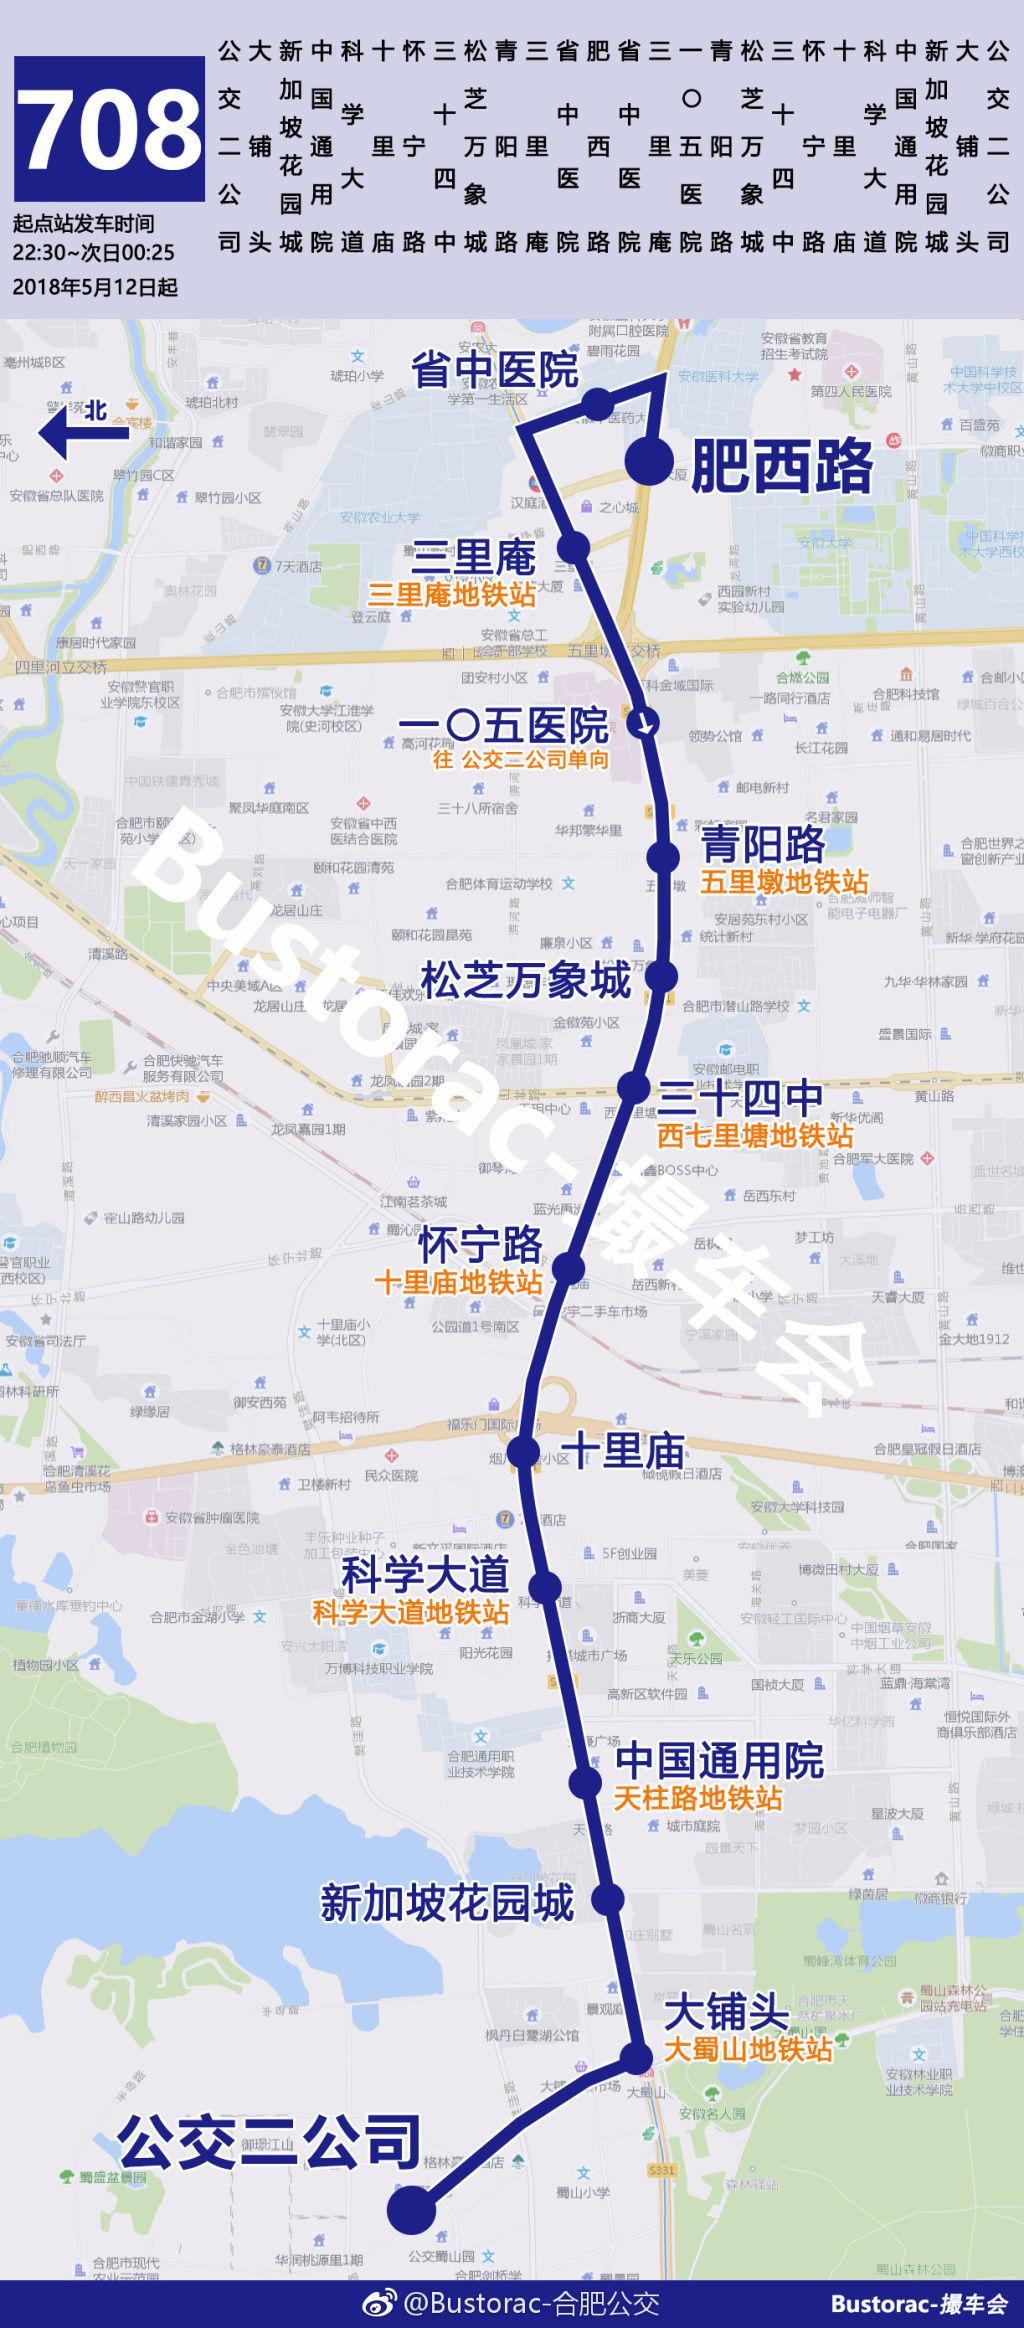 合肥公交开通710路 708路夜间路线 哪一站离你家最近